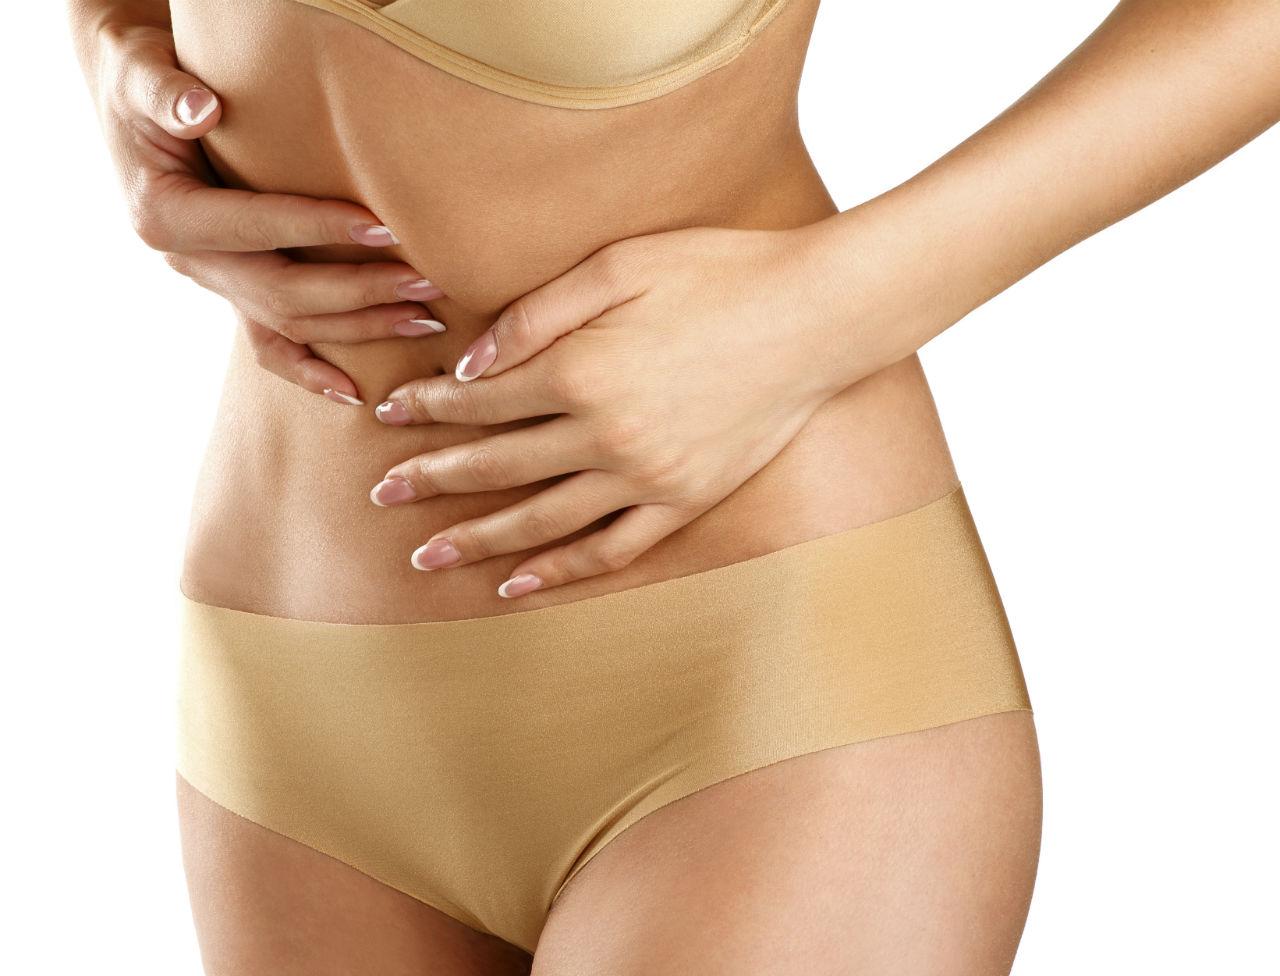 Ovulation douloureuse : comment la soulager ?